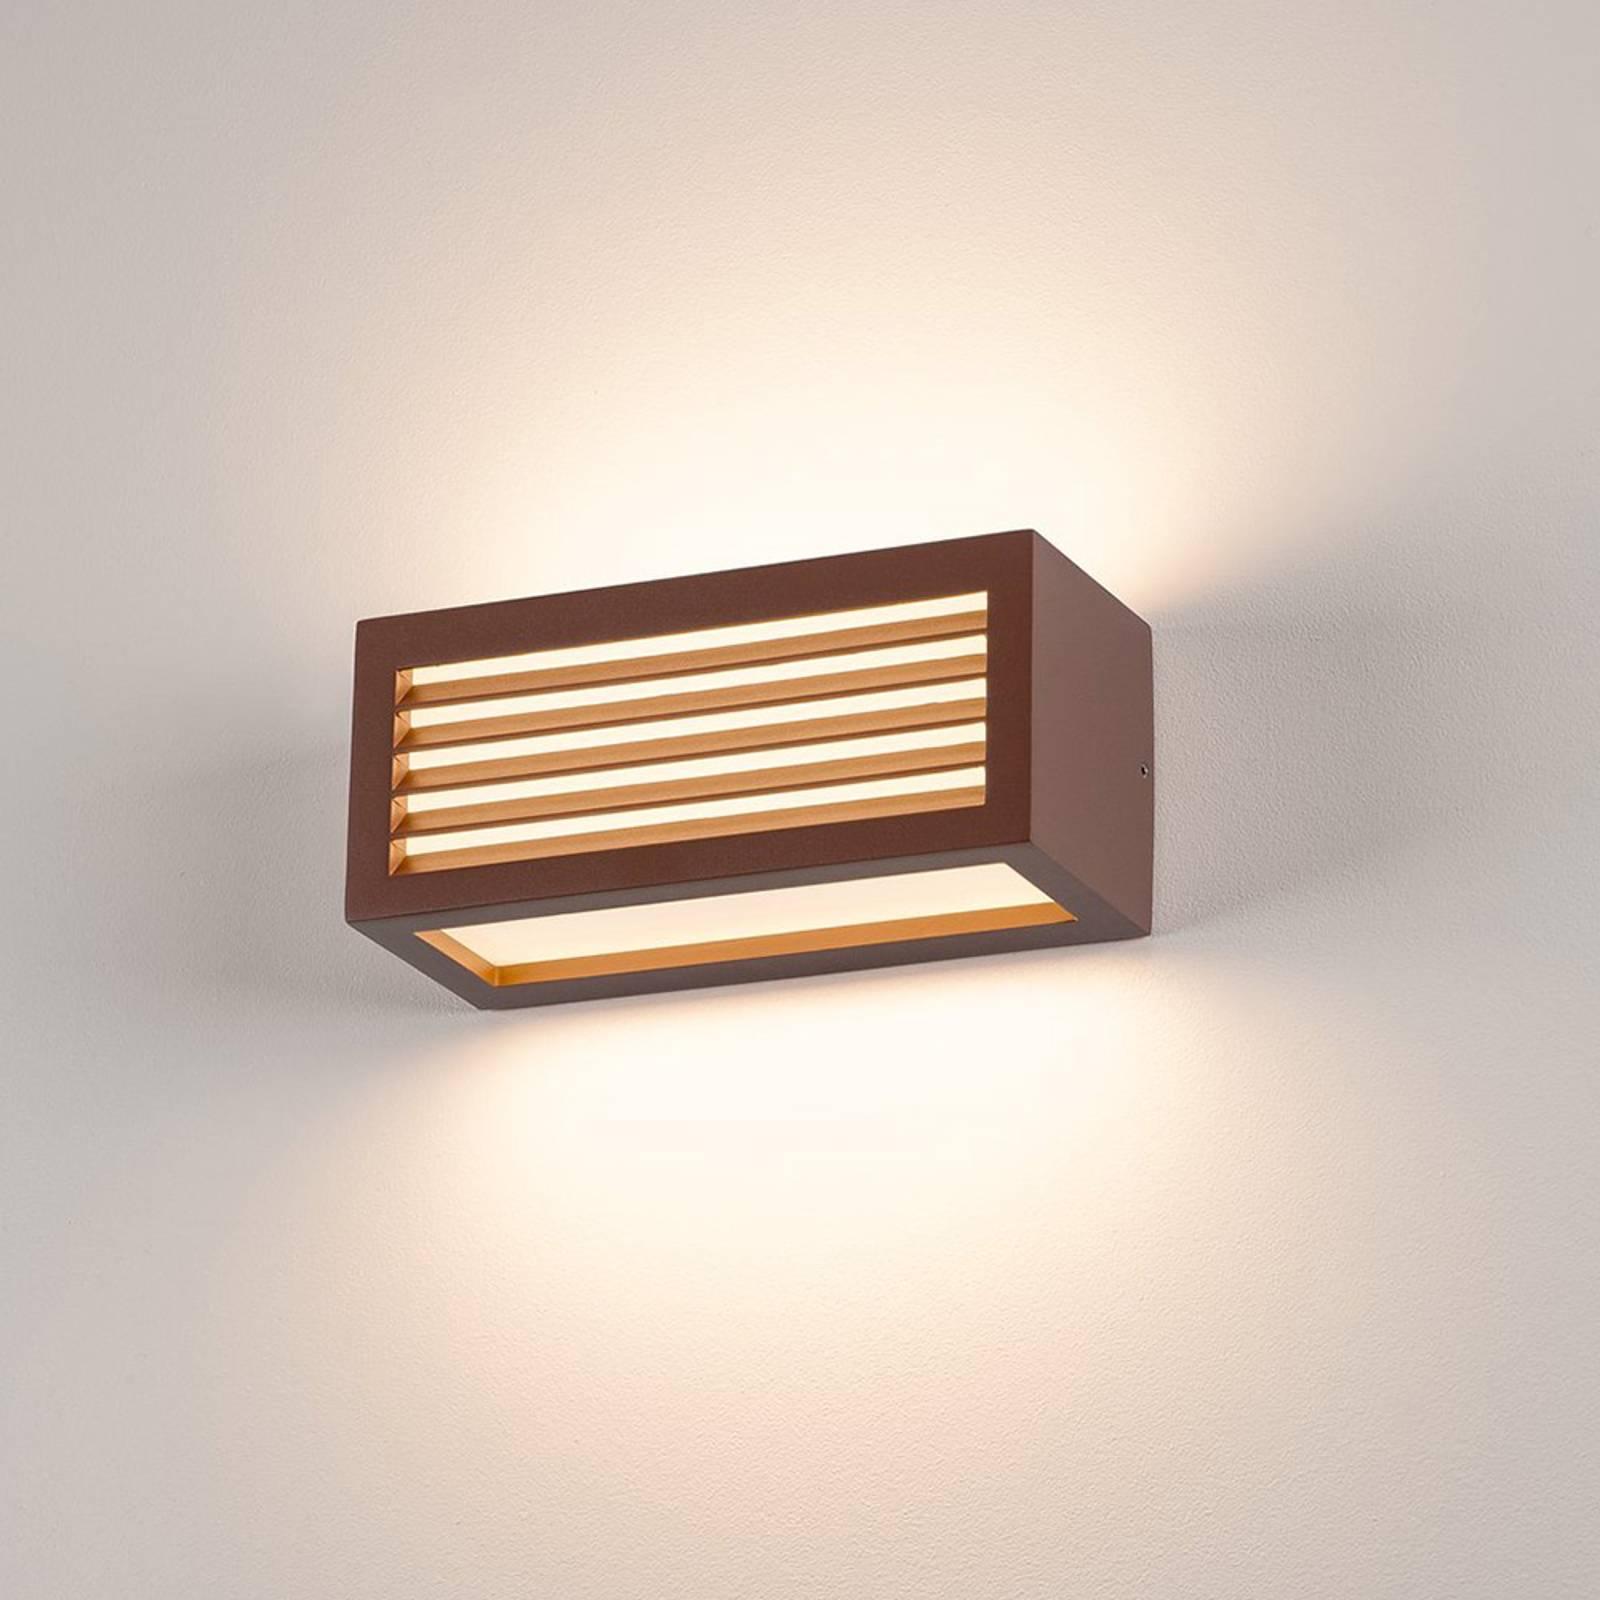 SLV Box-L LED-Wandleuchte, rost, direkt/indirekt